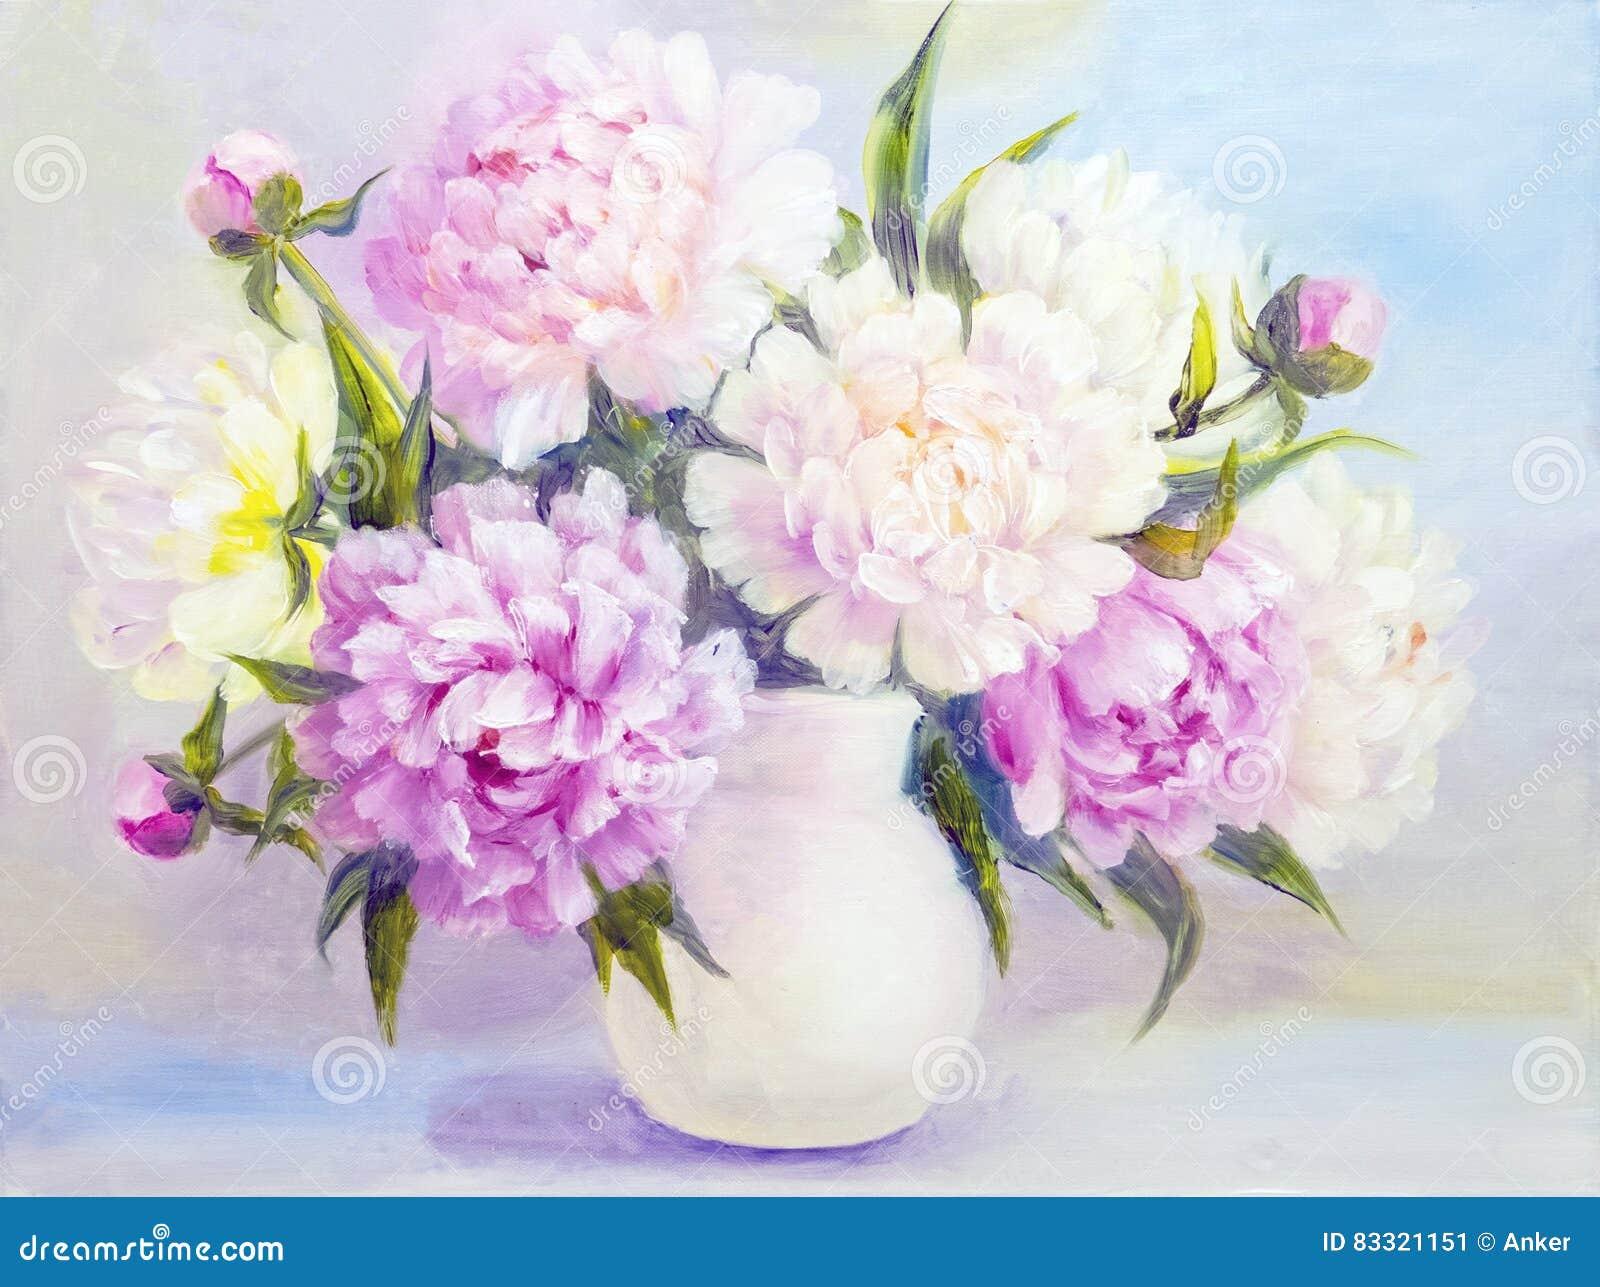 Fleurs De Pivoine Dans Un Vase Blanc Image Stock Image Du Cadeau